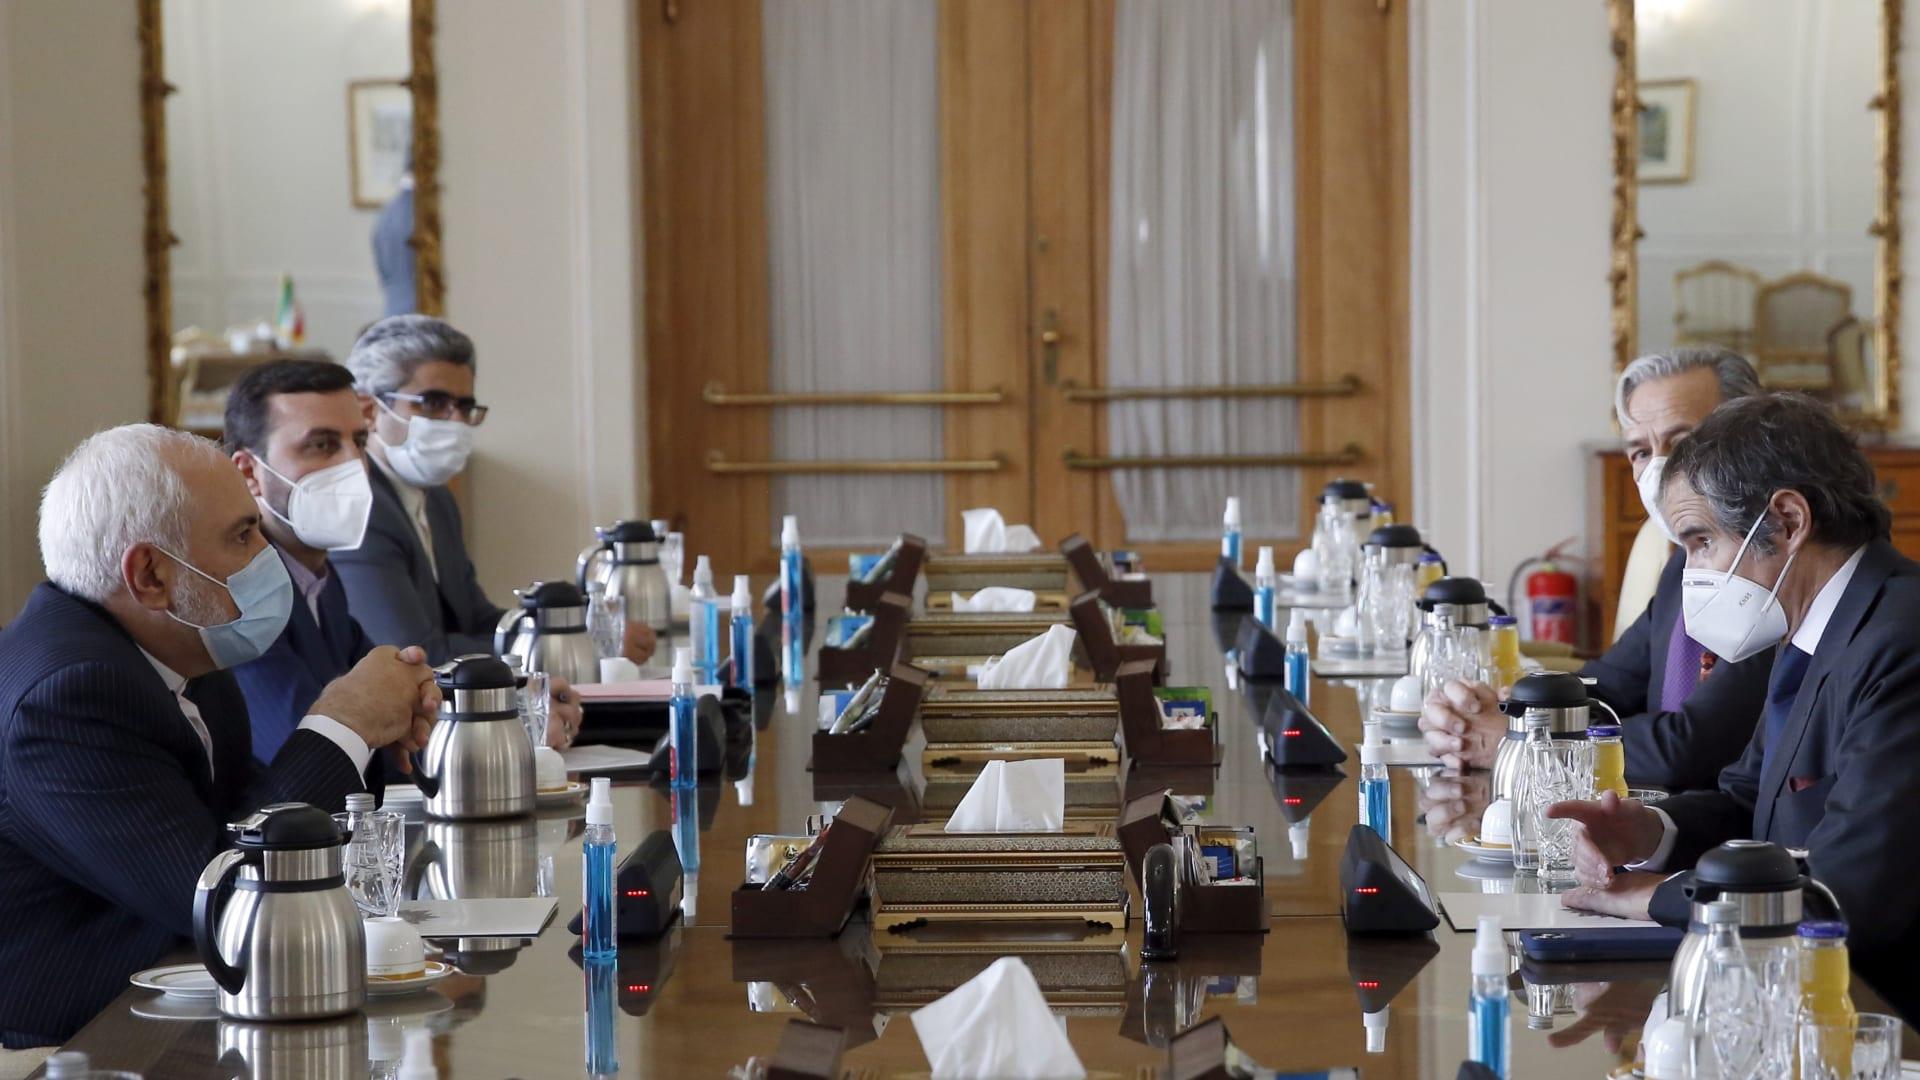 وزير الخارجية الإيراني محمد جواد ظريف يلتقي بالمدير العام للوكالة الدولية للطاقة الذرية، رافائيل غروسي في طهران